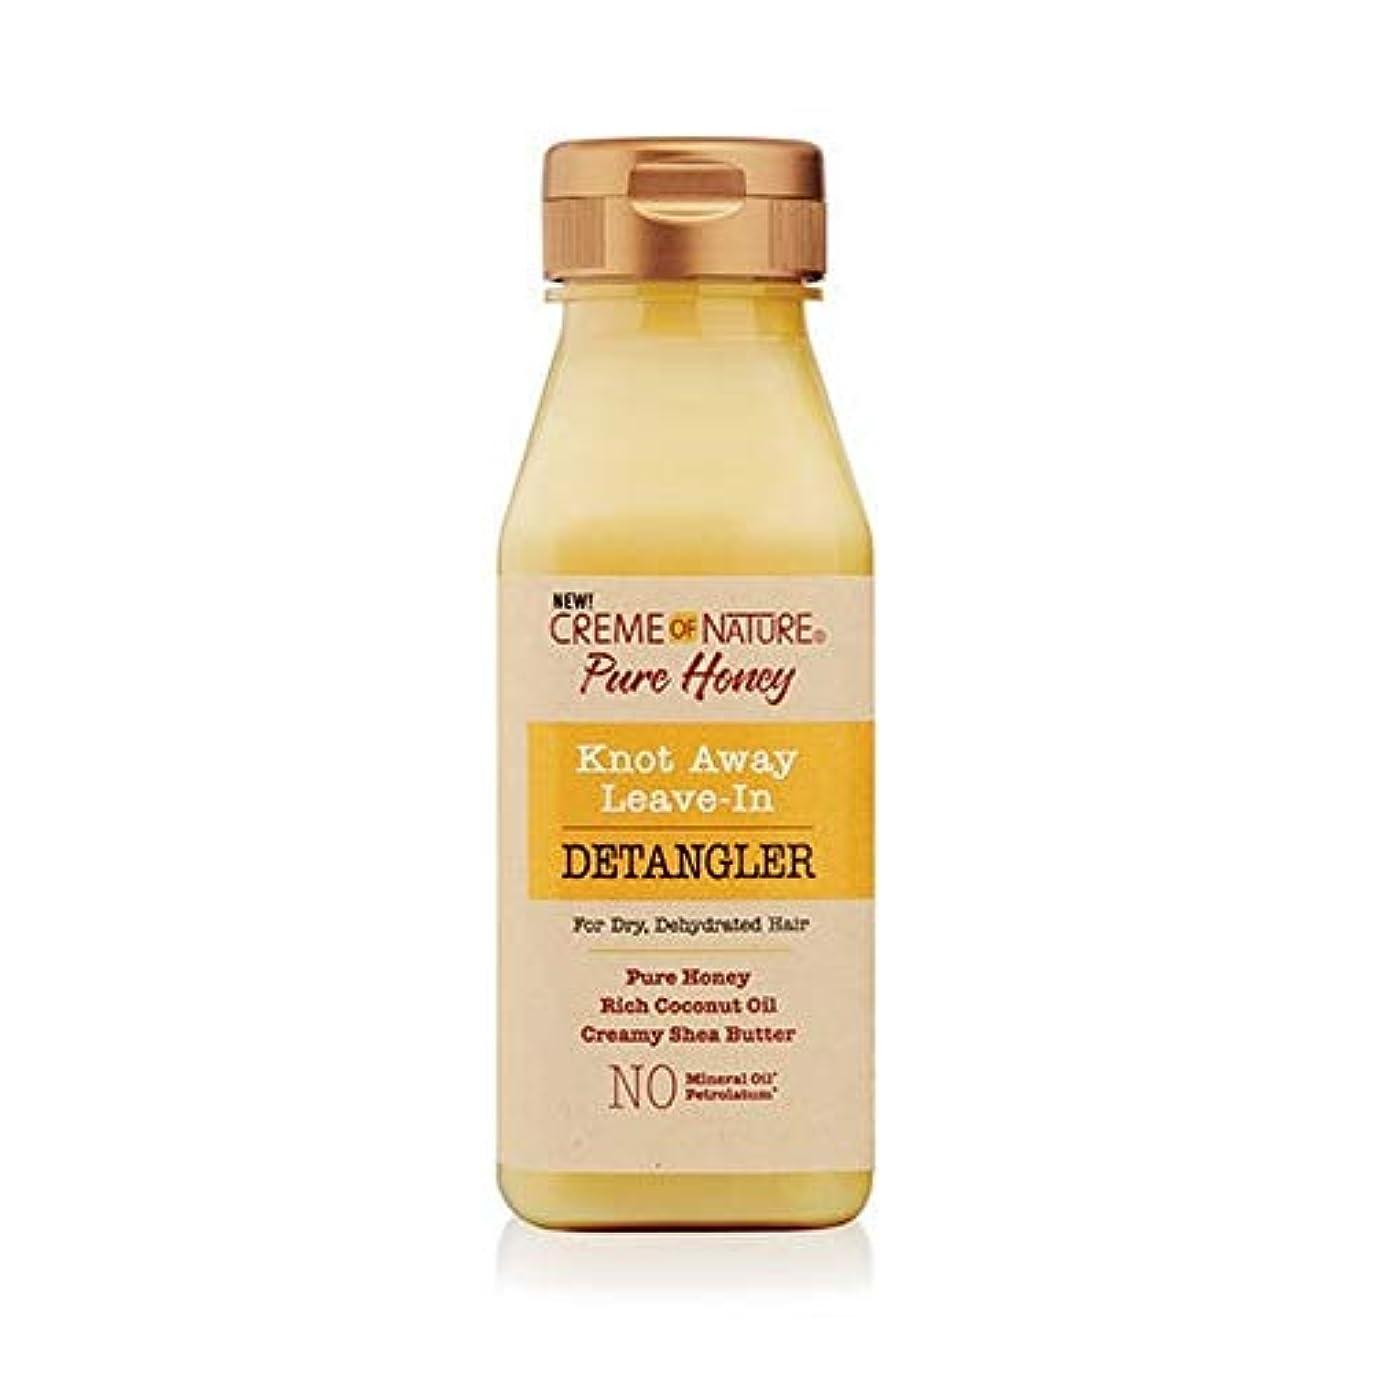 ベギン受け入れる見える[Creme of Nature ] 自然の純粋な蜂蜜の結び目のクリームは離れDetanglerに残します - Creme of Nature Pure Honey Knot Away Leave in Detangler [並行輸入品]